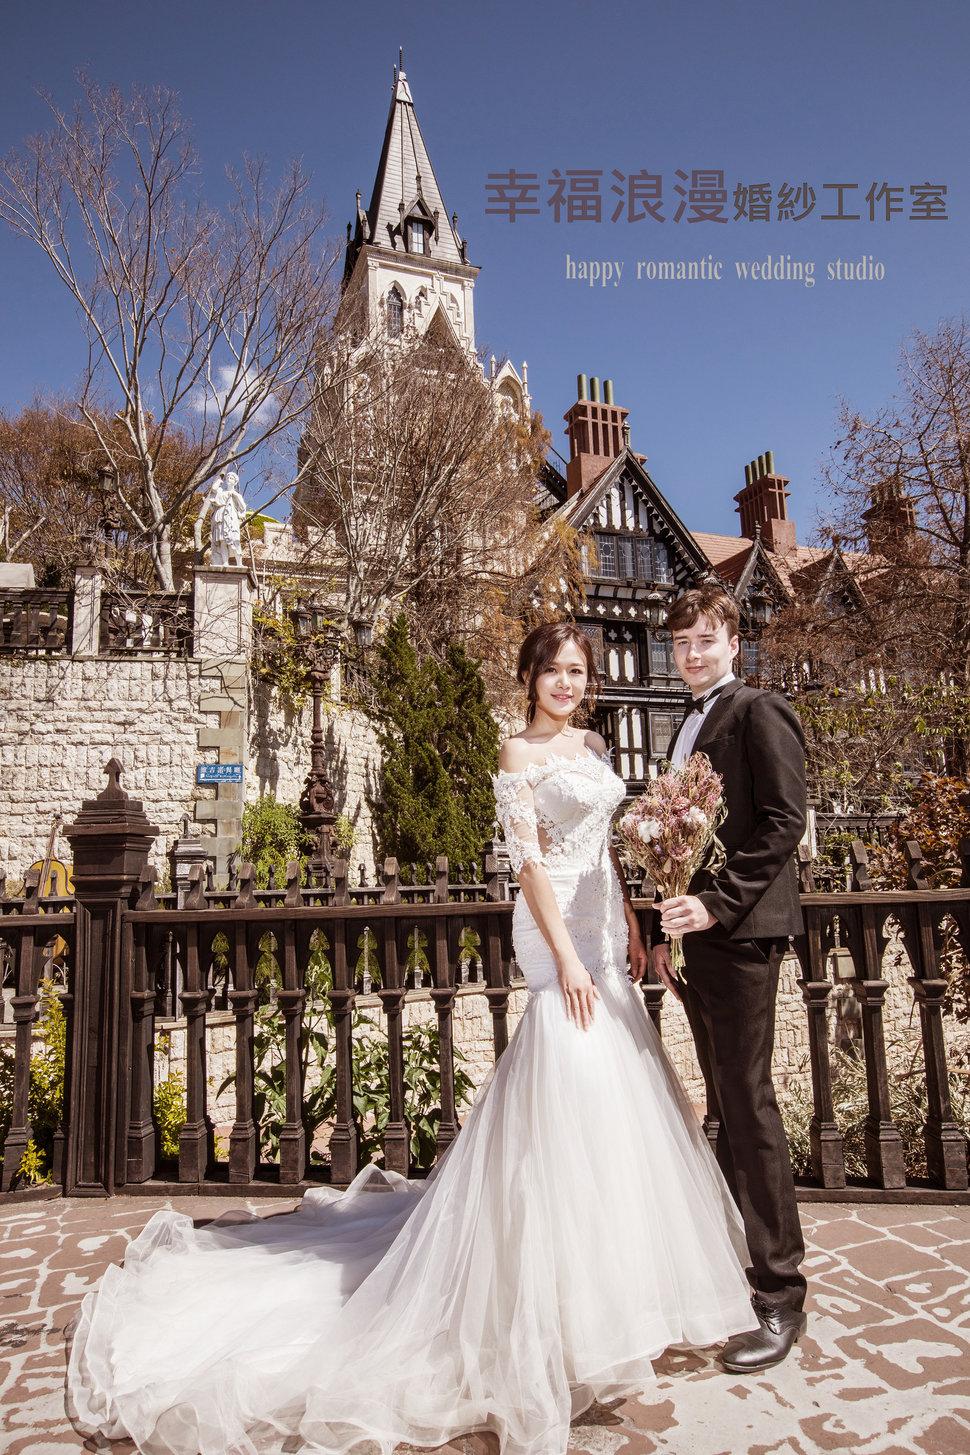 5G3A6892-3 - 幸福浪漫婚紗工作室 韓式婚紗攝影《結婚吧》